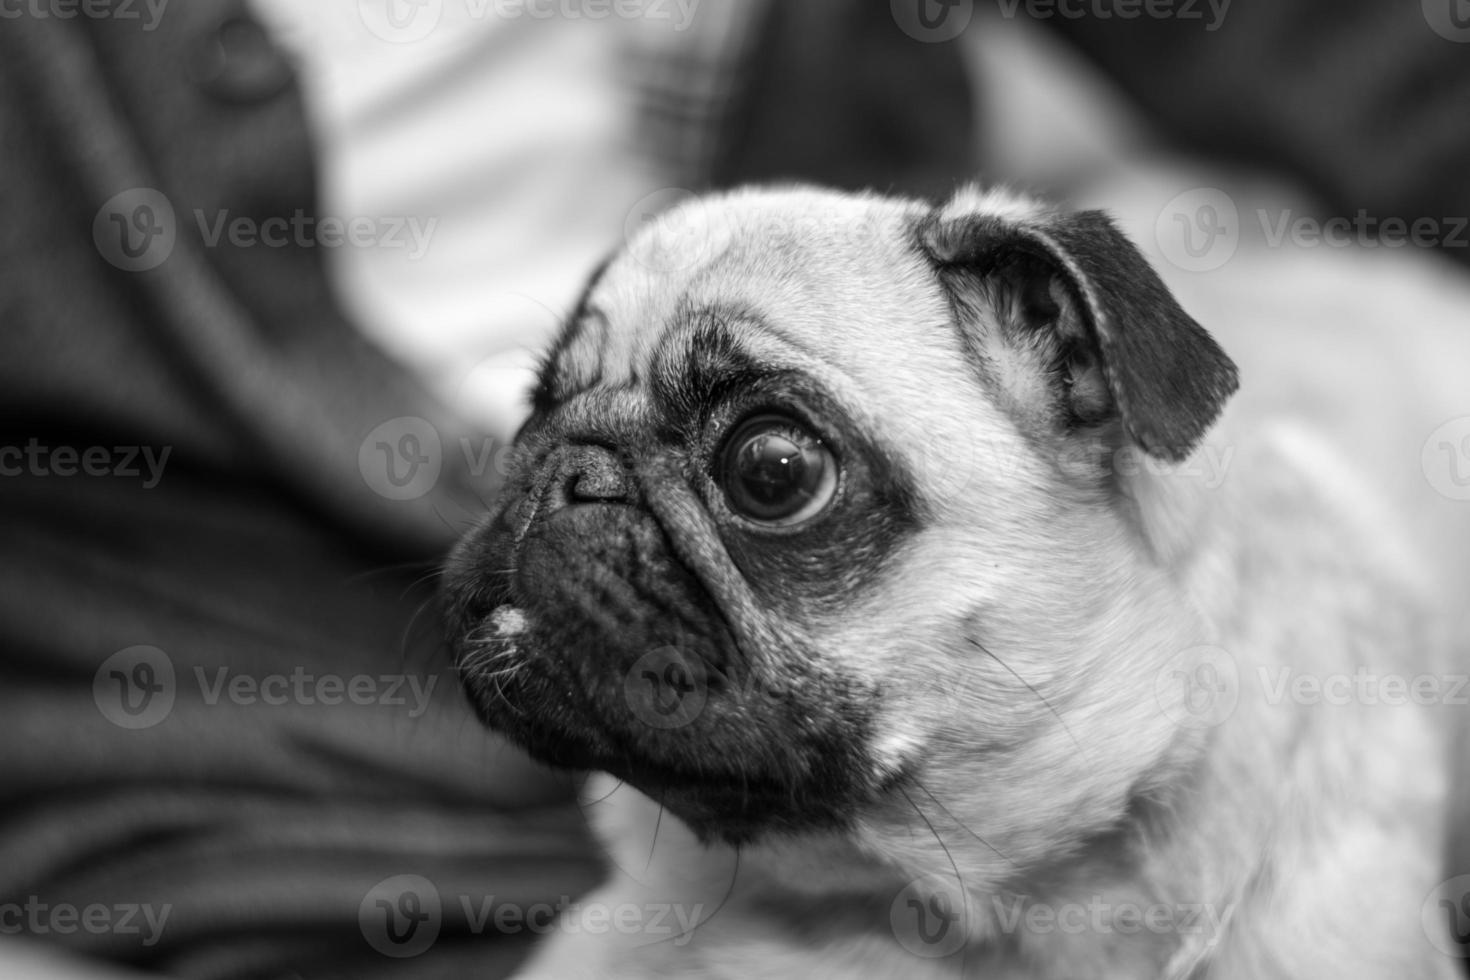 retratos de esfregões, fotografia em preto e branco foto